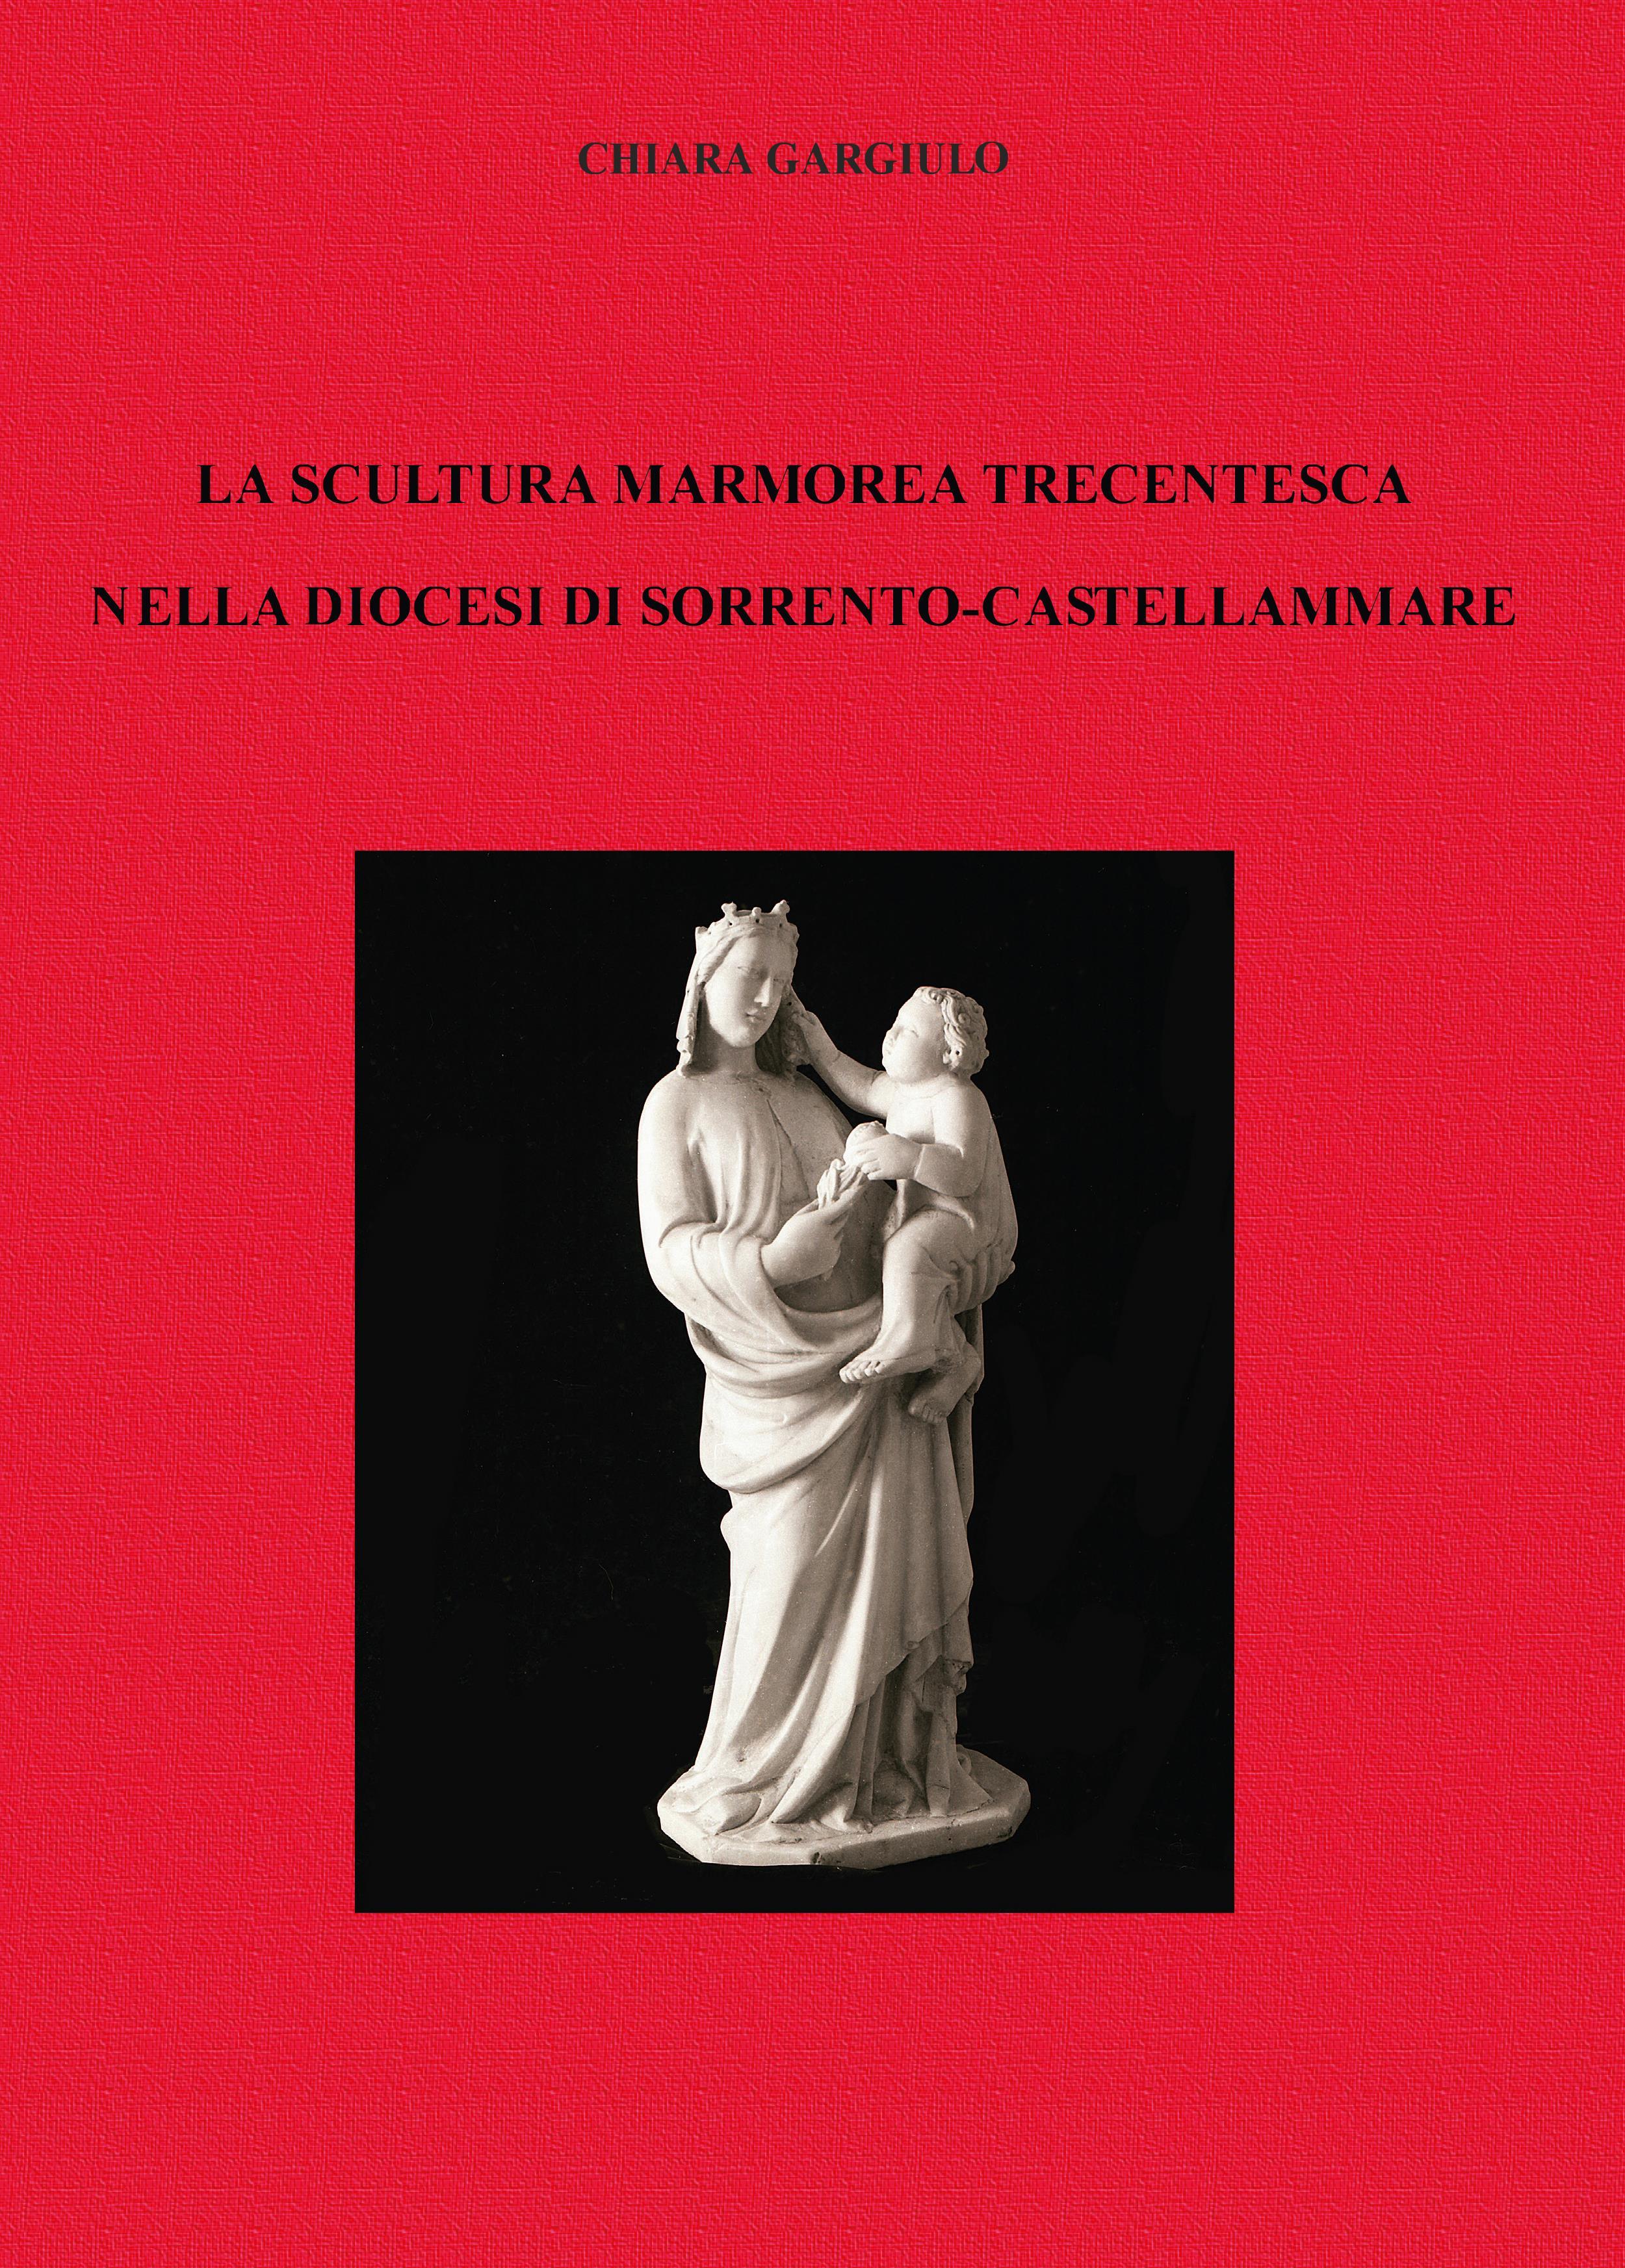 La scultura marmorea trecentesca nella diocesi di Sorrento-Castellammare